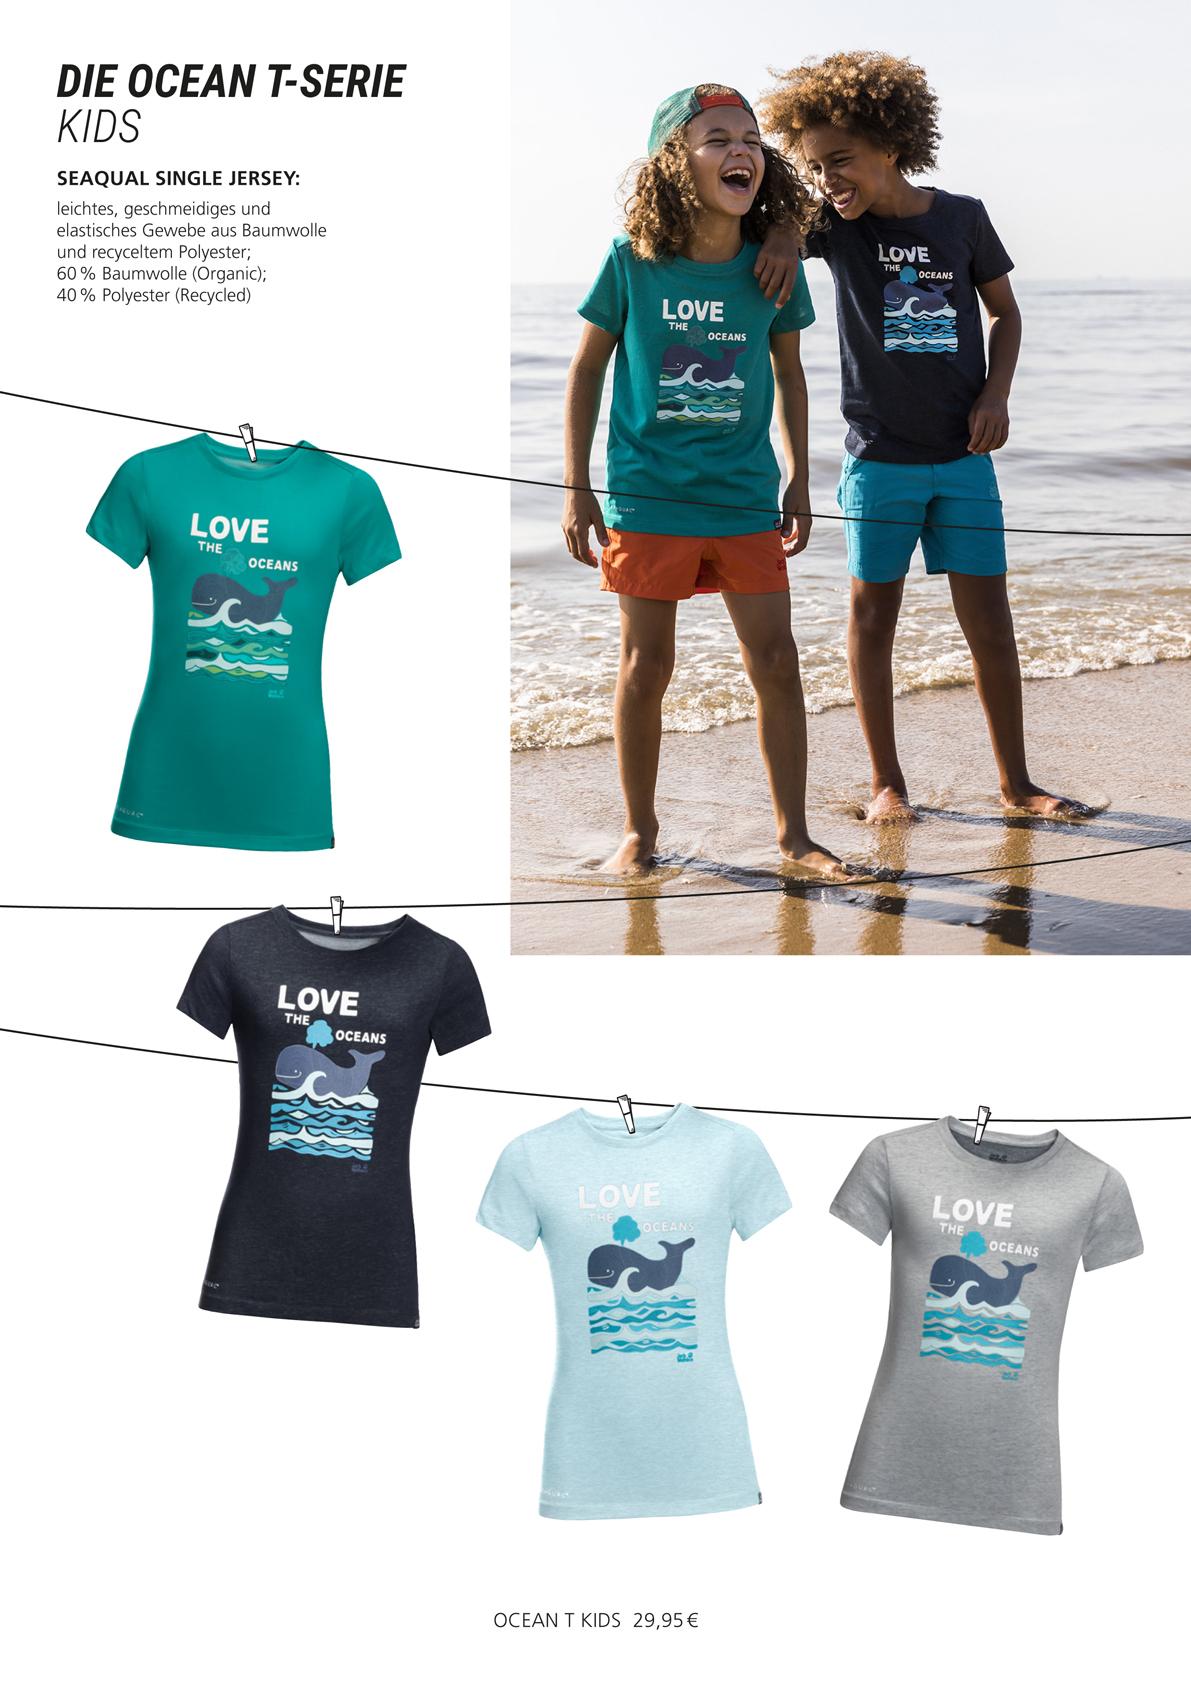 Seaqual Ocean Project 2.0